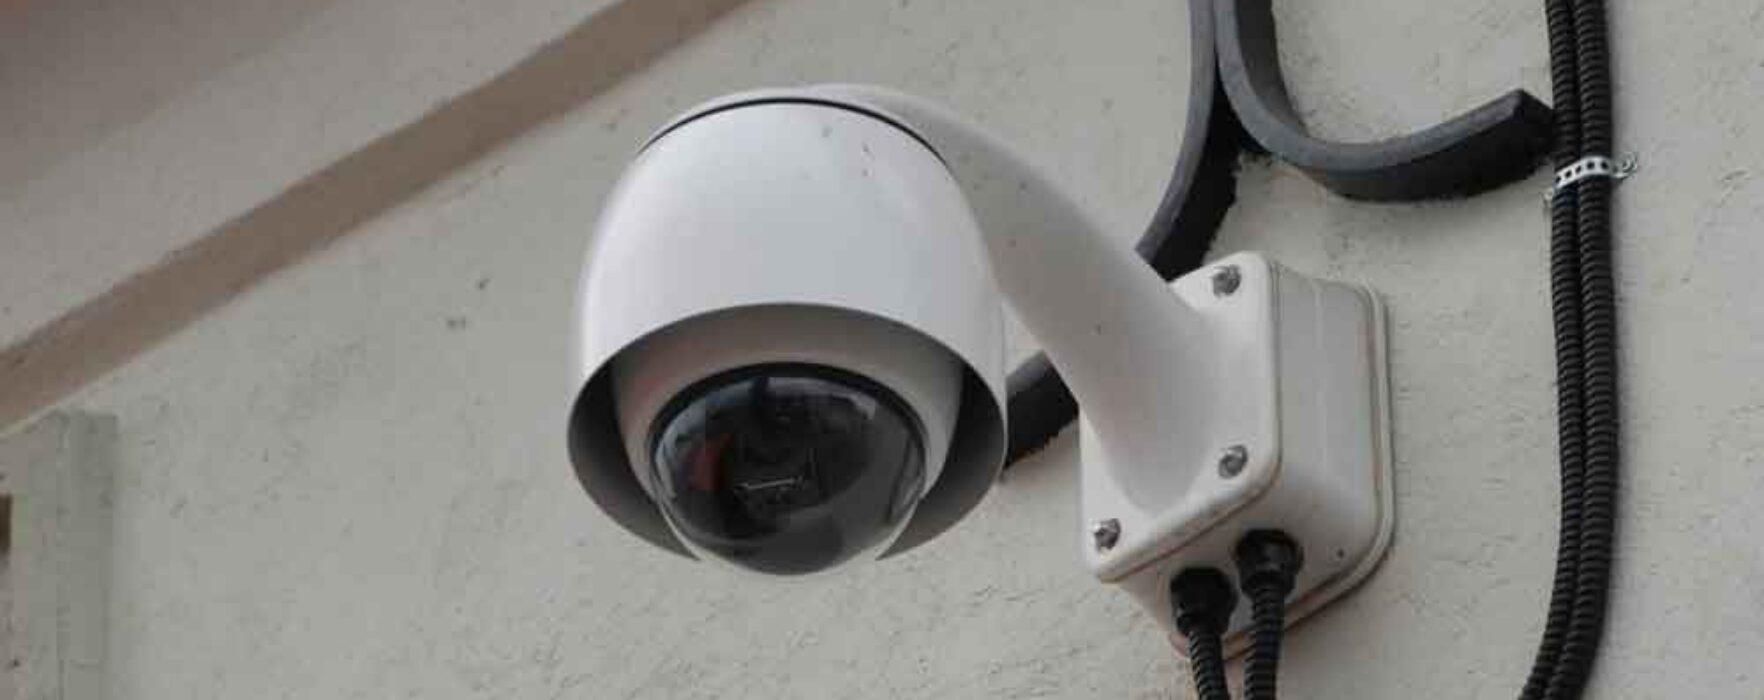 Hoţii au furat toate camere de supraveghere dintr-un sat dâmboviţean